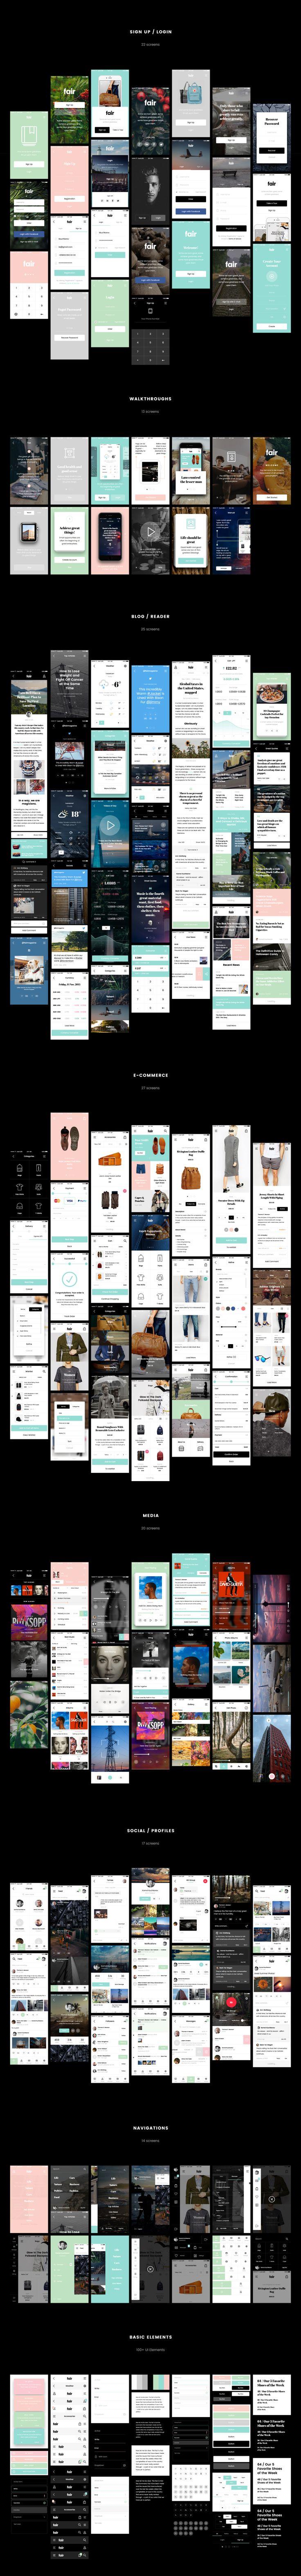 Fair UI Kit